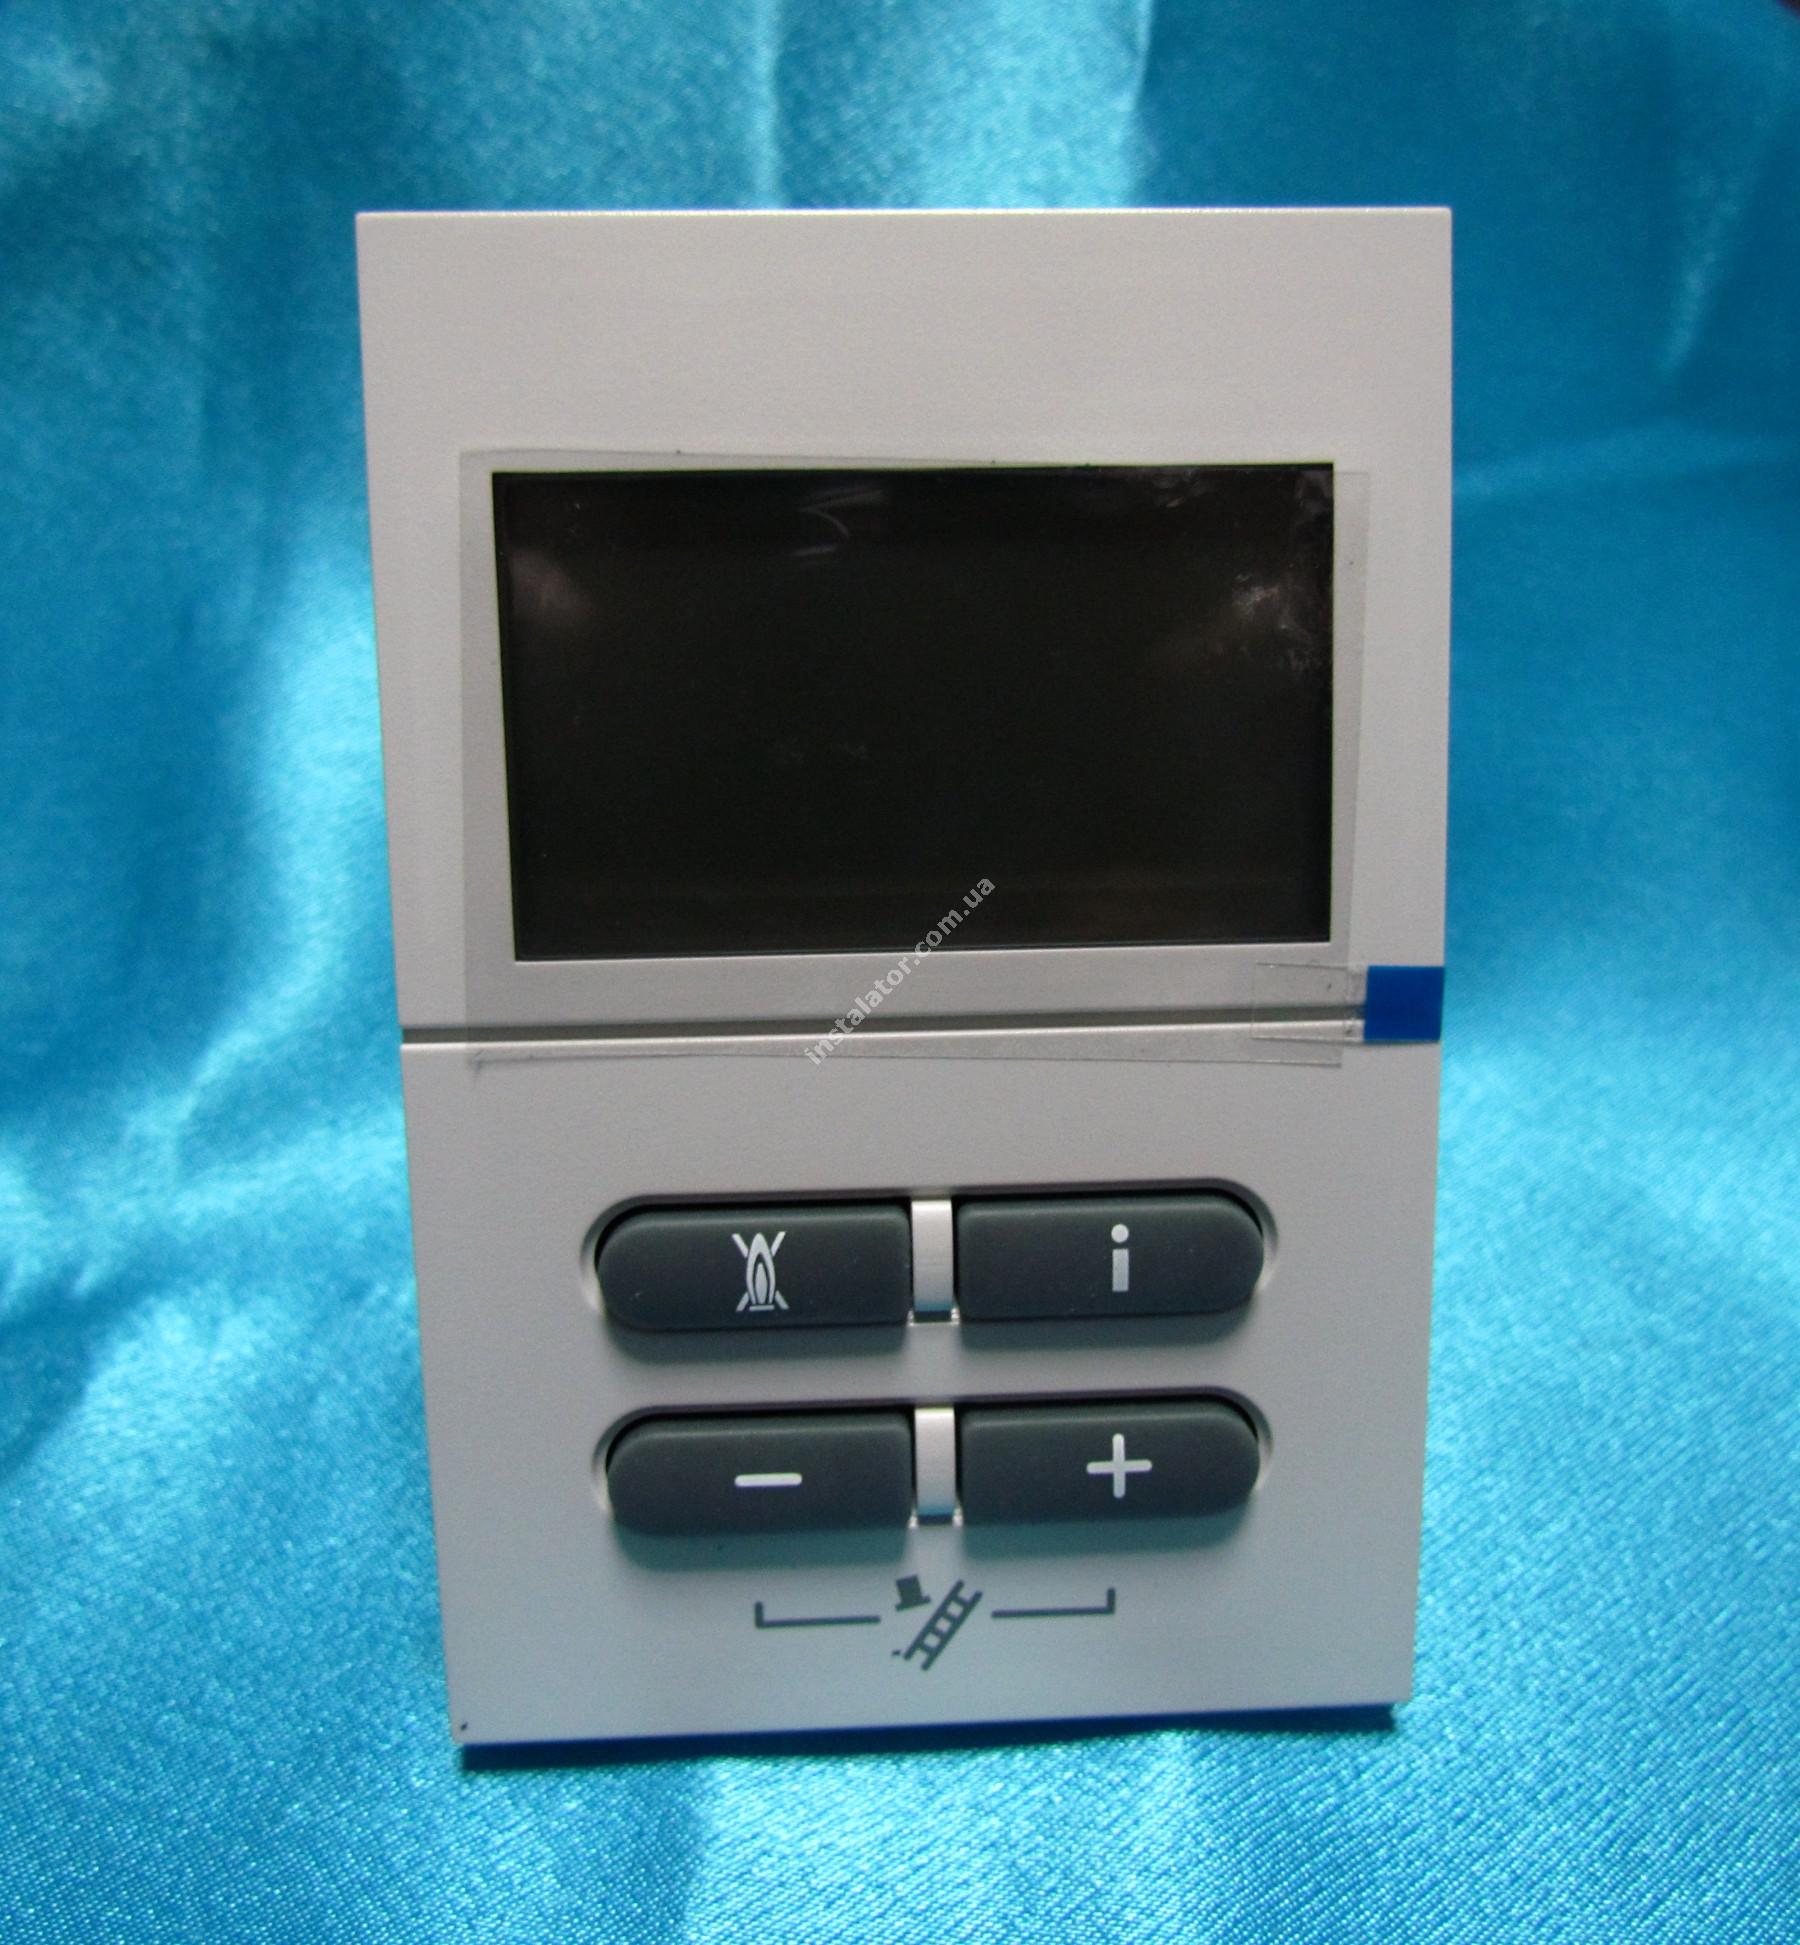 0020056561 Плата дисплея VAILLANT TEC PLUS full-image-2